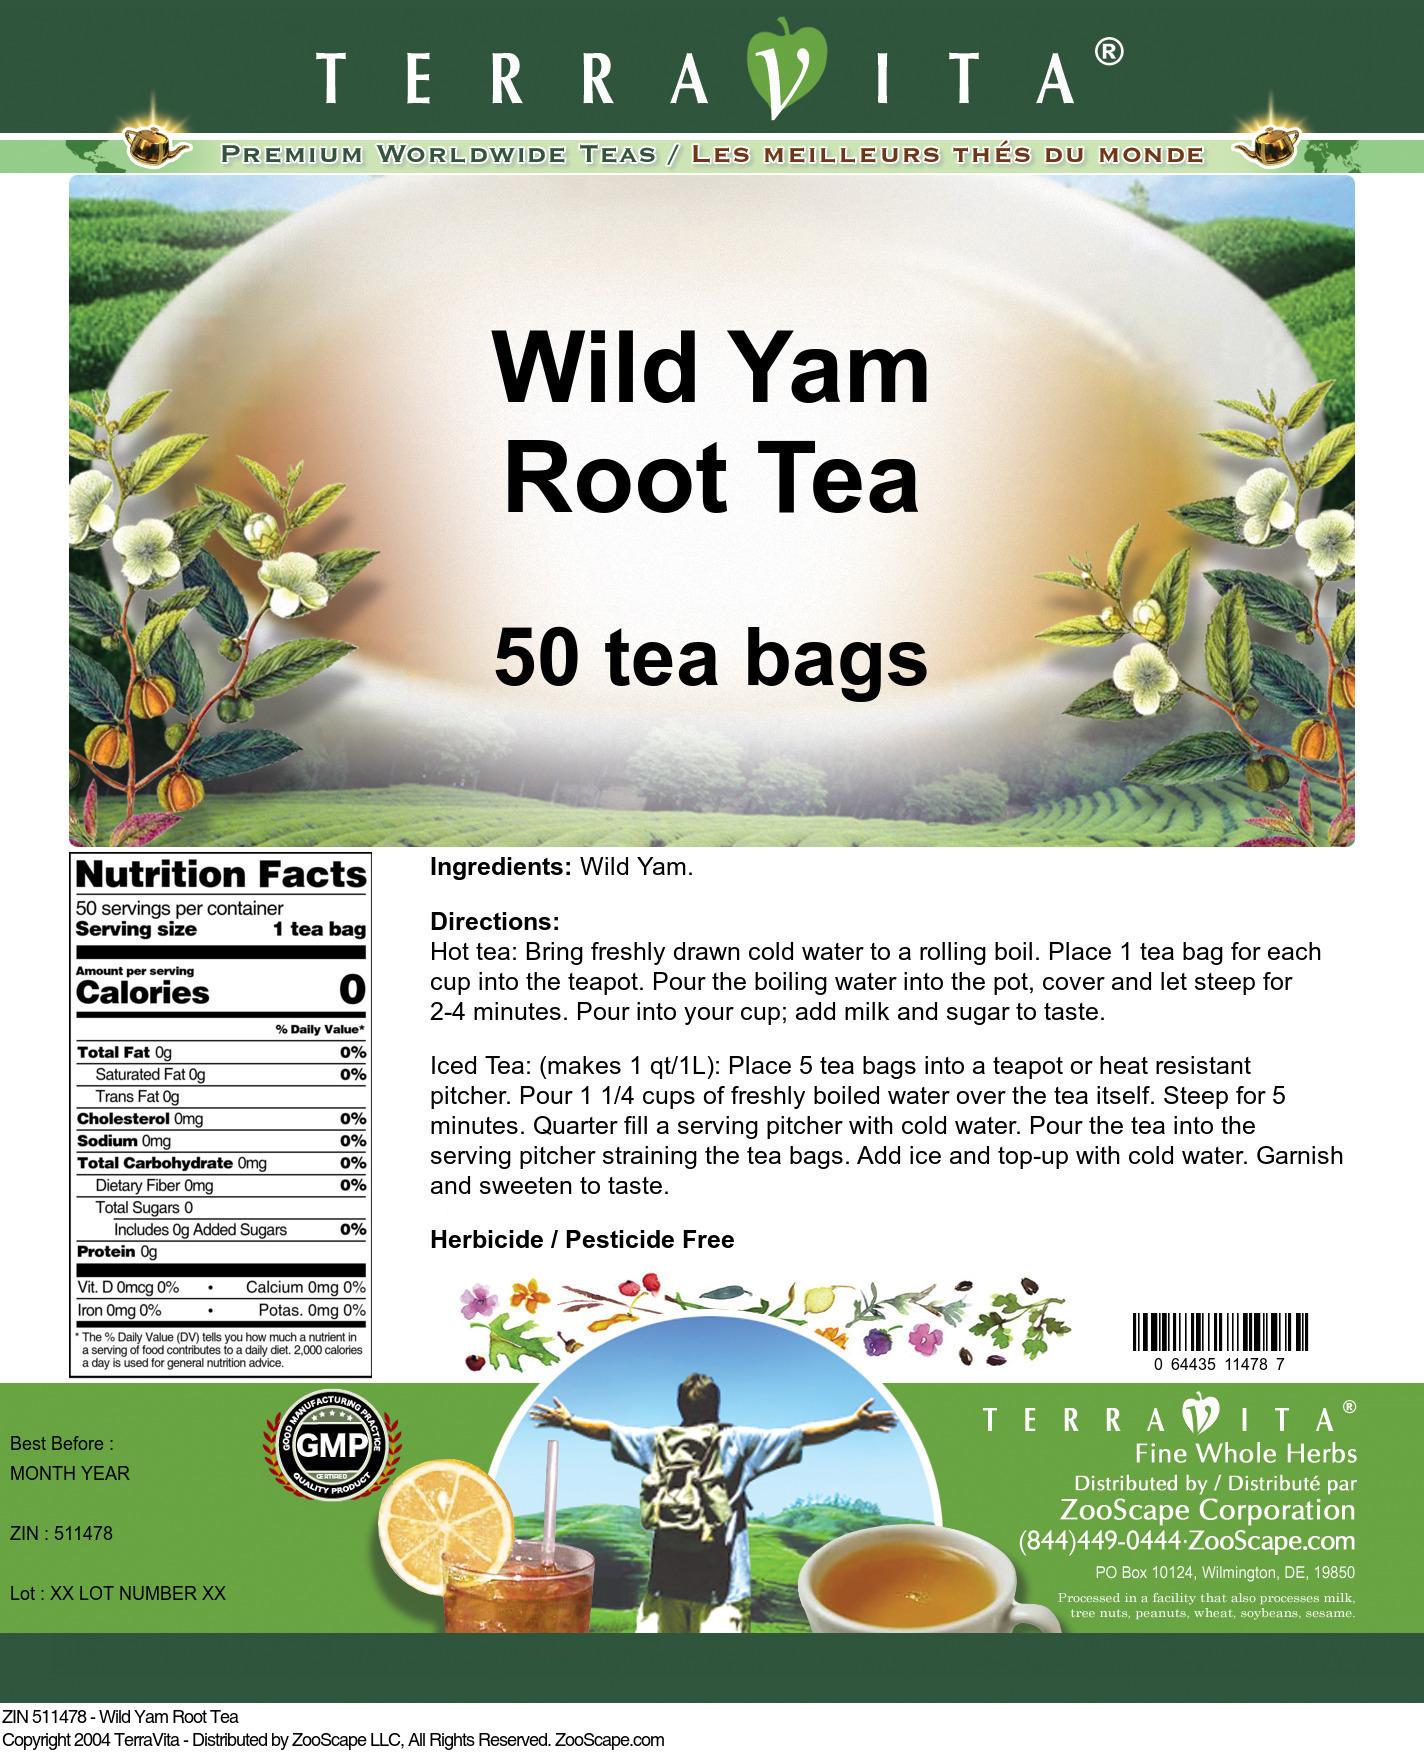 Wild Yam Root Tea